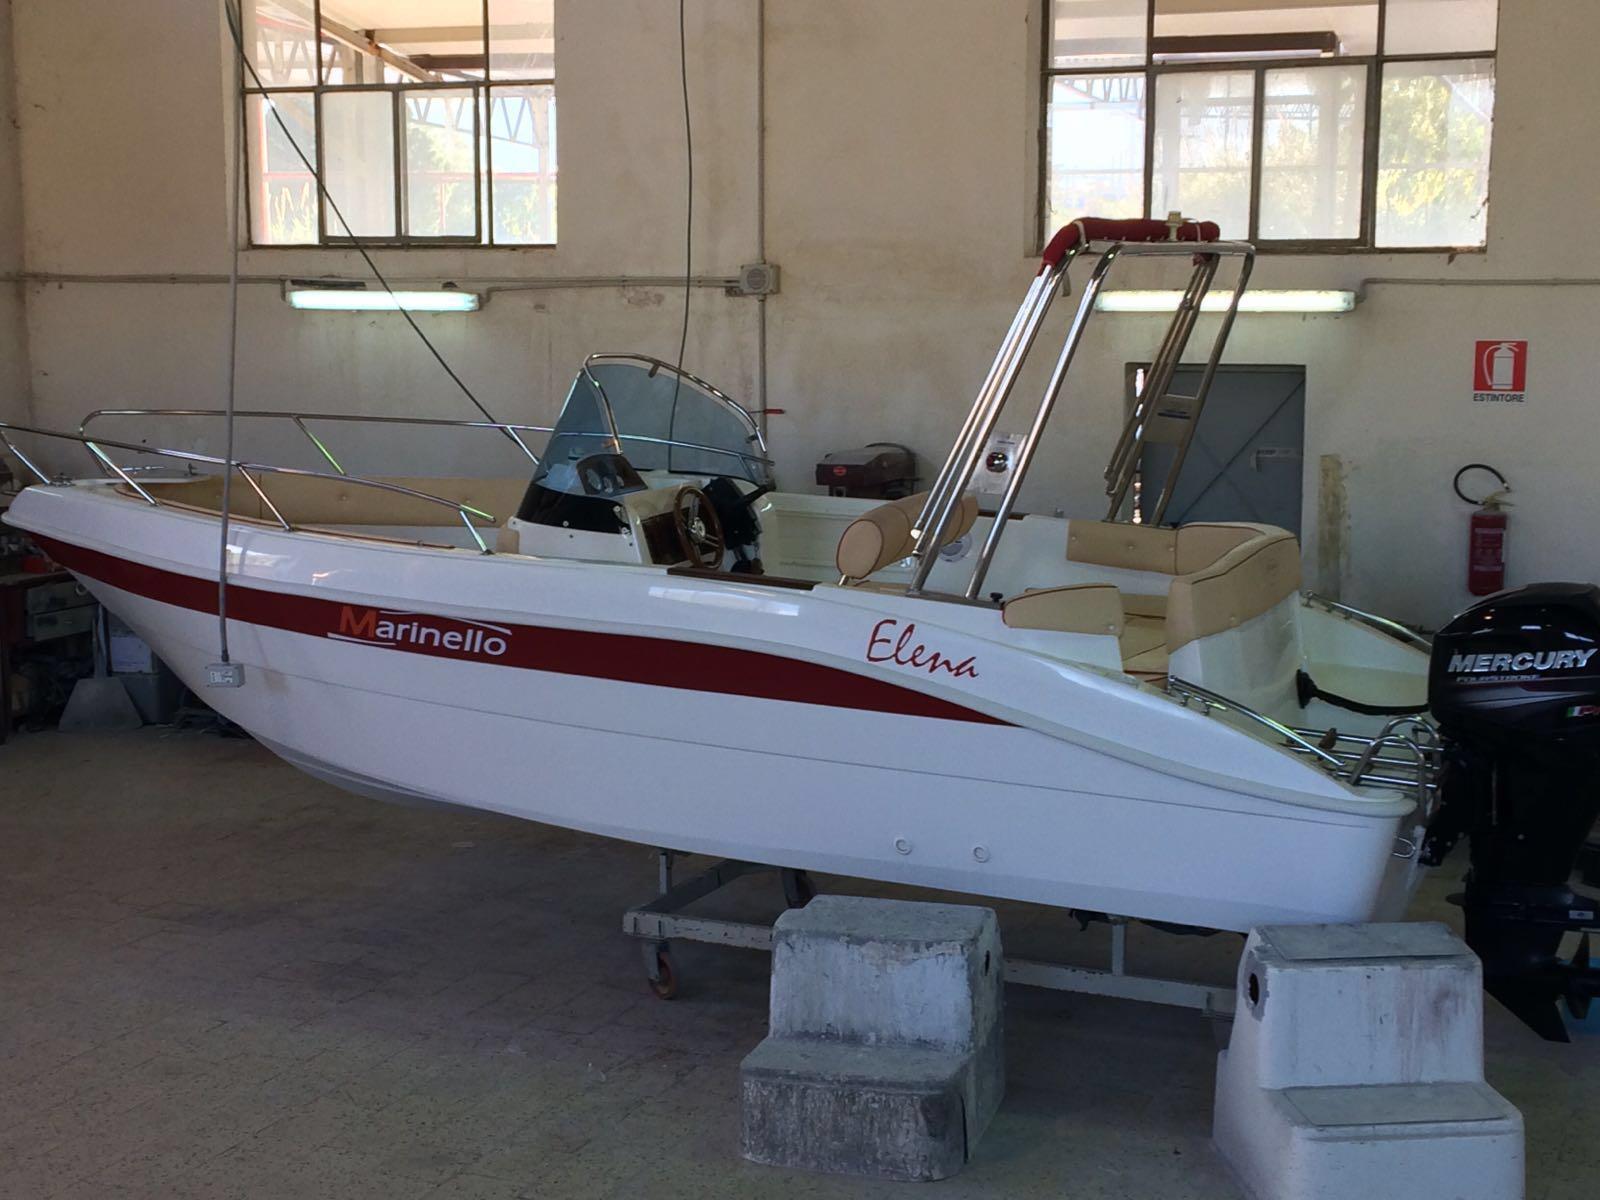 barca usata open line marinello-elena-6-50-mercury-f40-pro-2